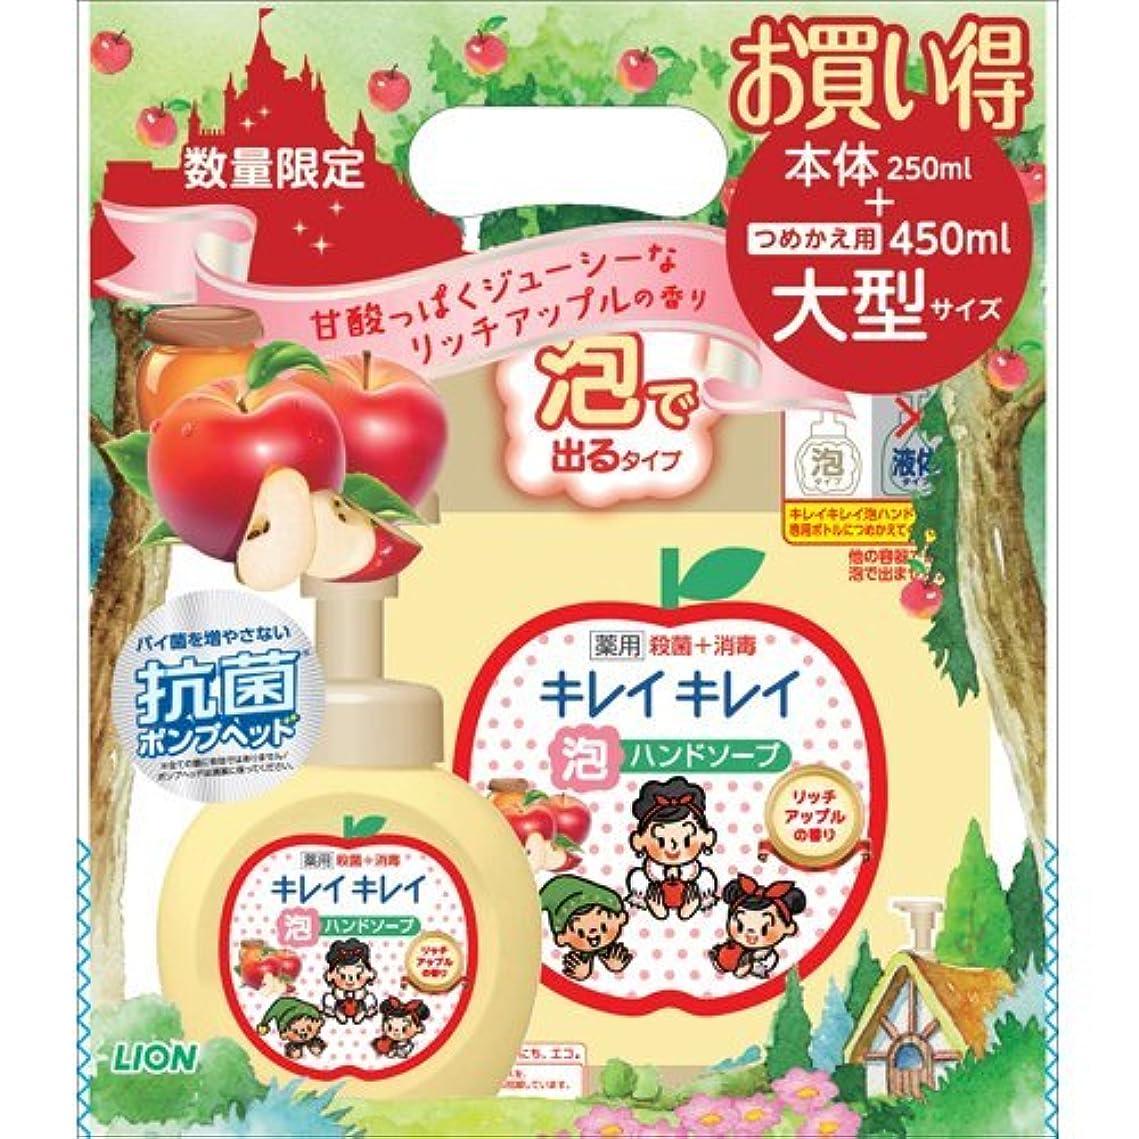 ミス発送テクスチャーキレイキレイ 薬用泡ハンドソープ リッチアップルの香り 本体250ml+つめかえ用大型サイズ450ml